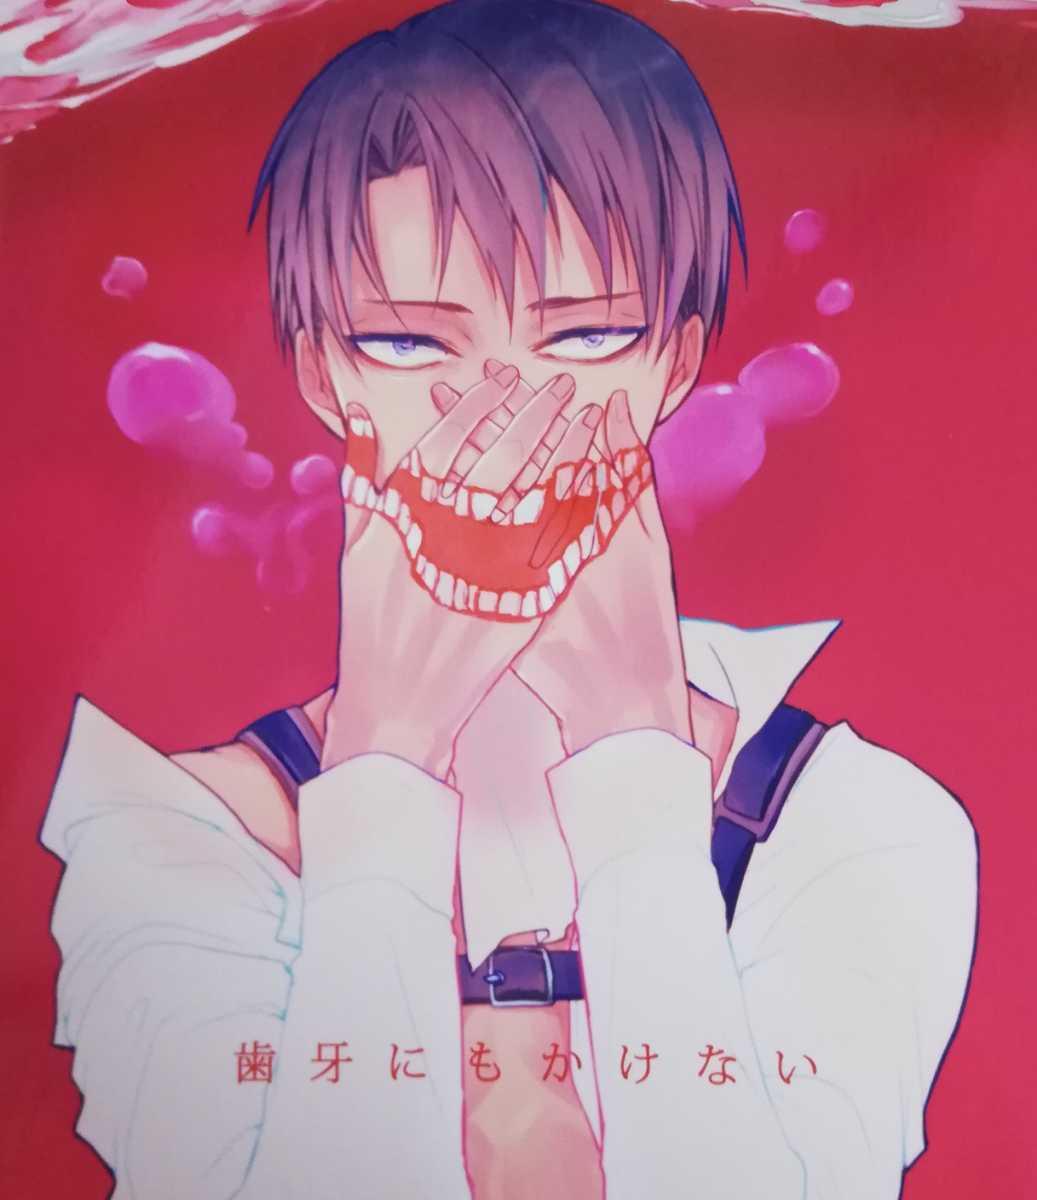 も 歯牙 かけ ない に